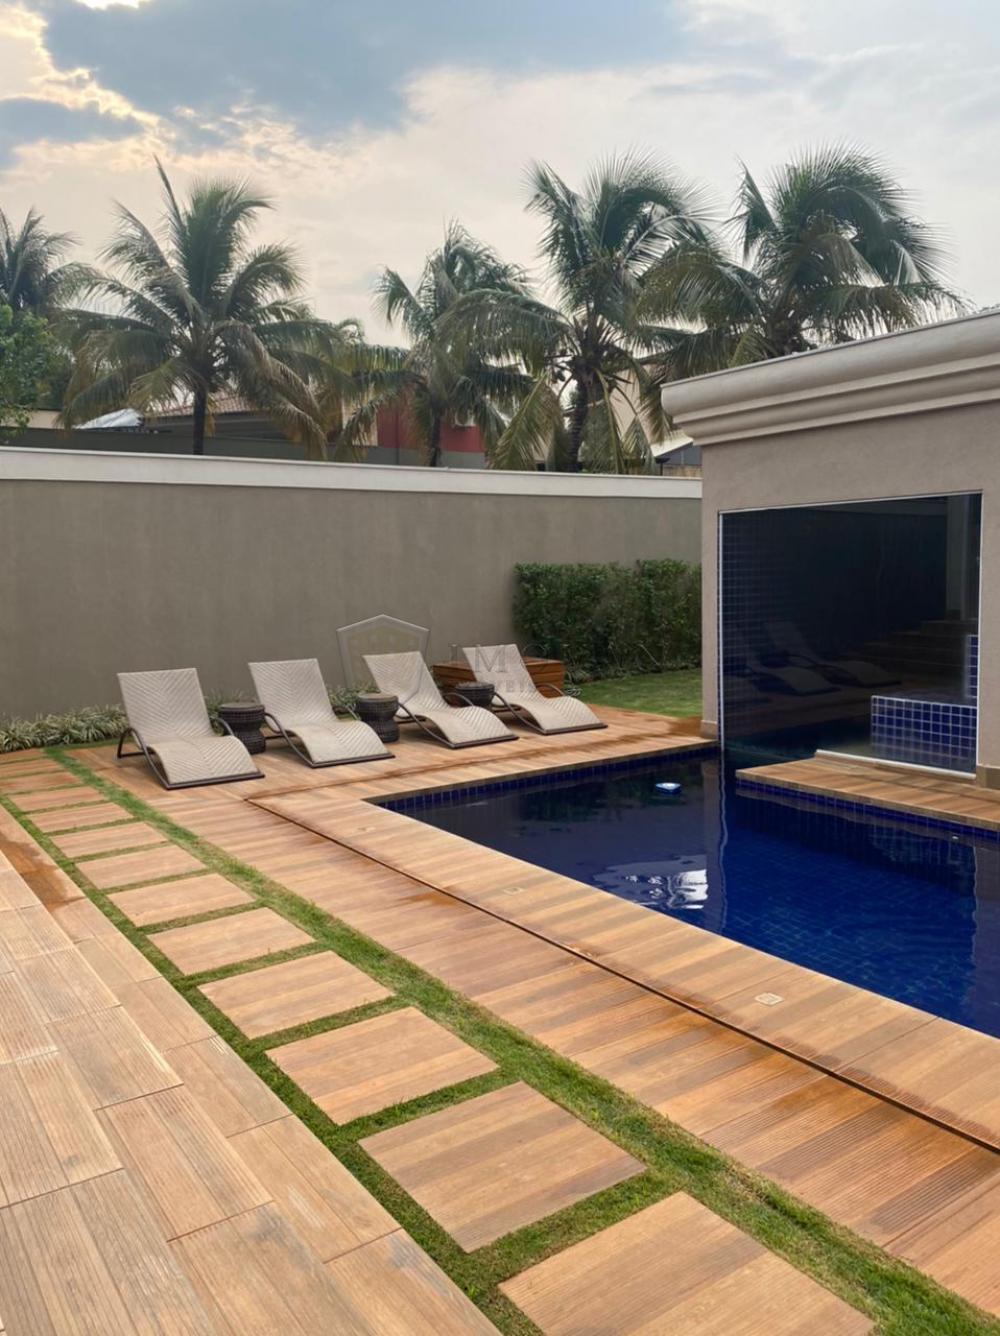 Comprar Casa / Condomínio em Bonfim Paulista R$ 2.800.000,00 - Foto 6